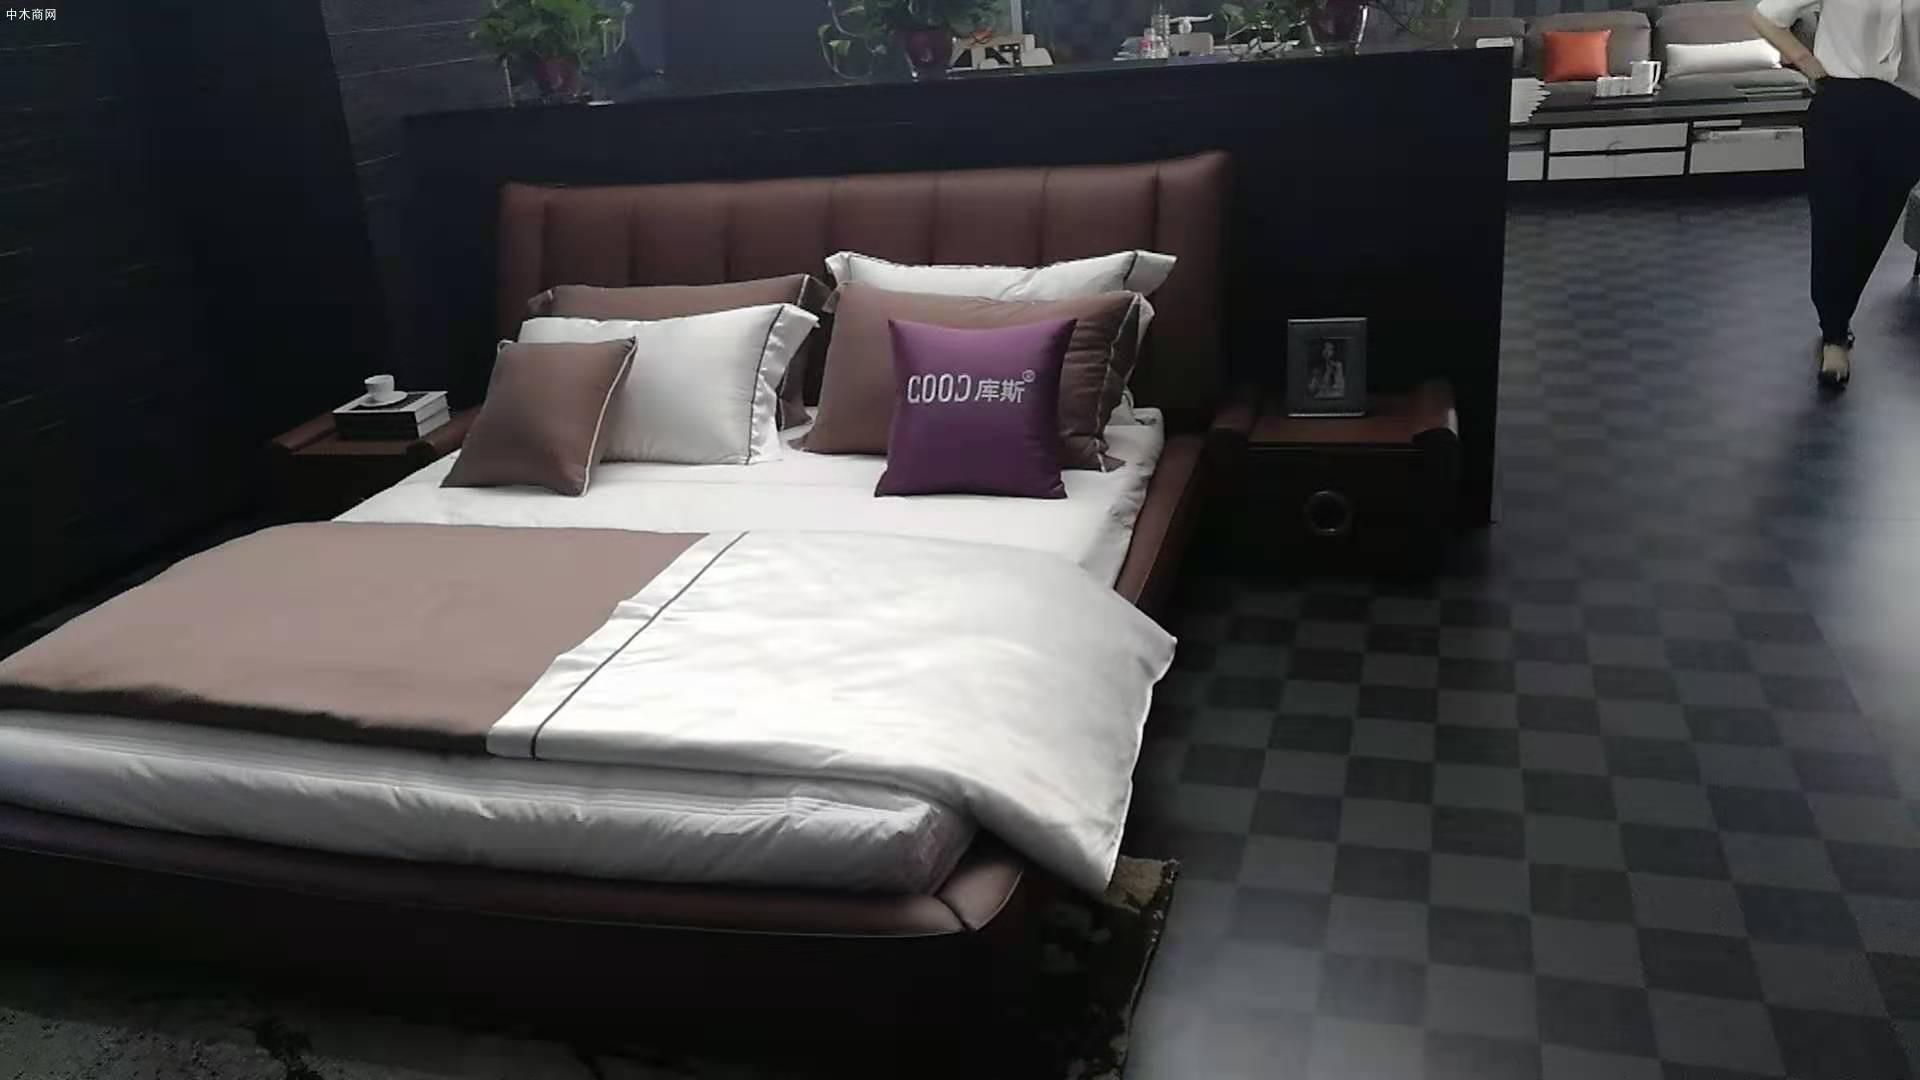 宜昌软床价格及图片效果图